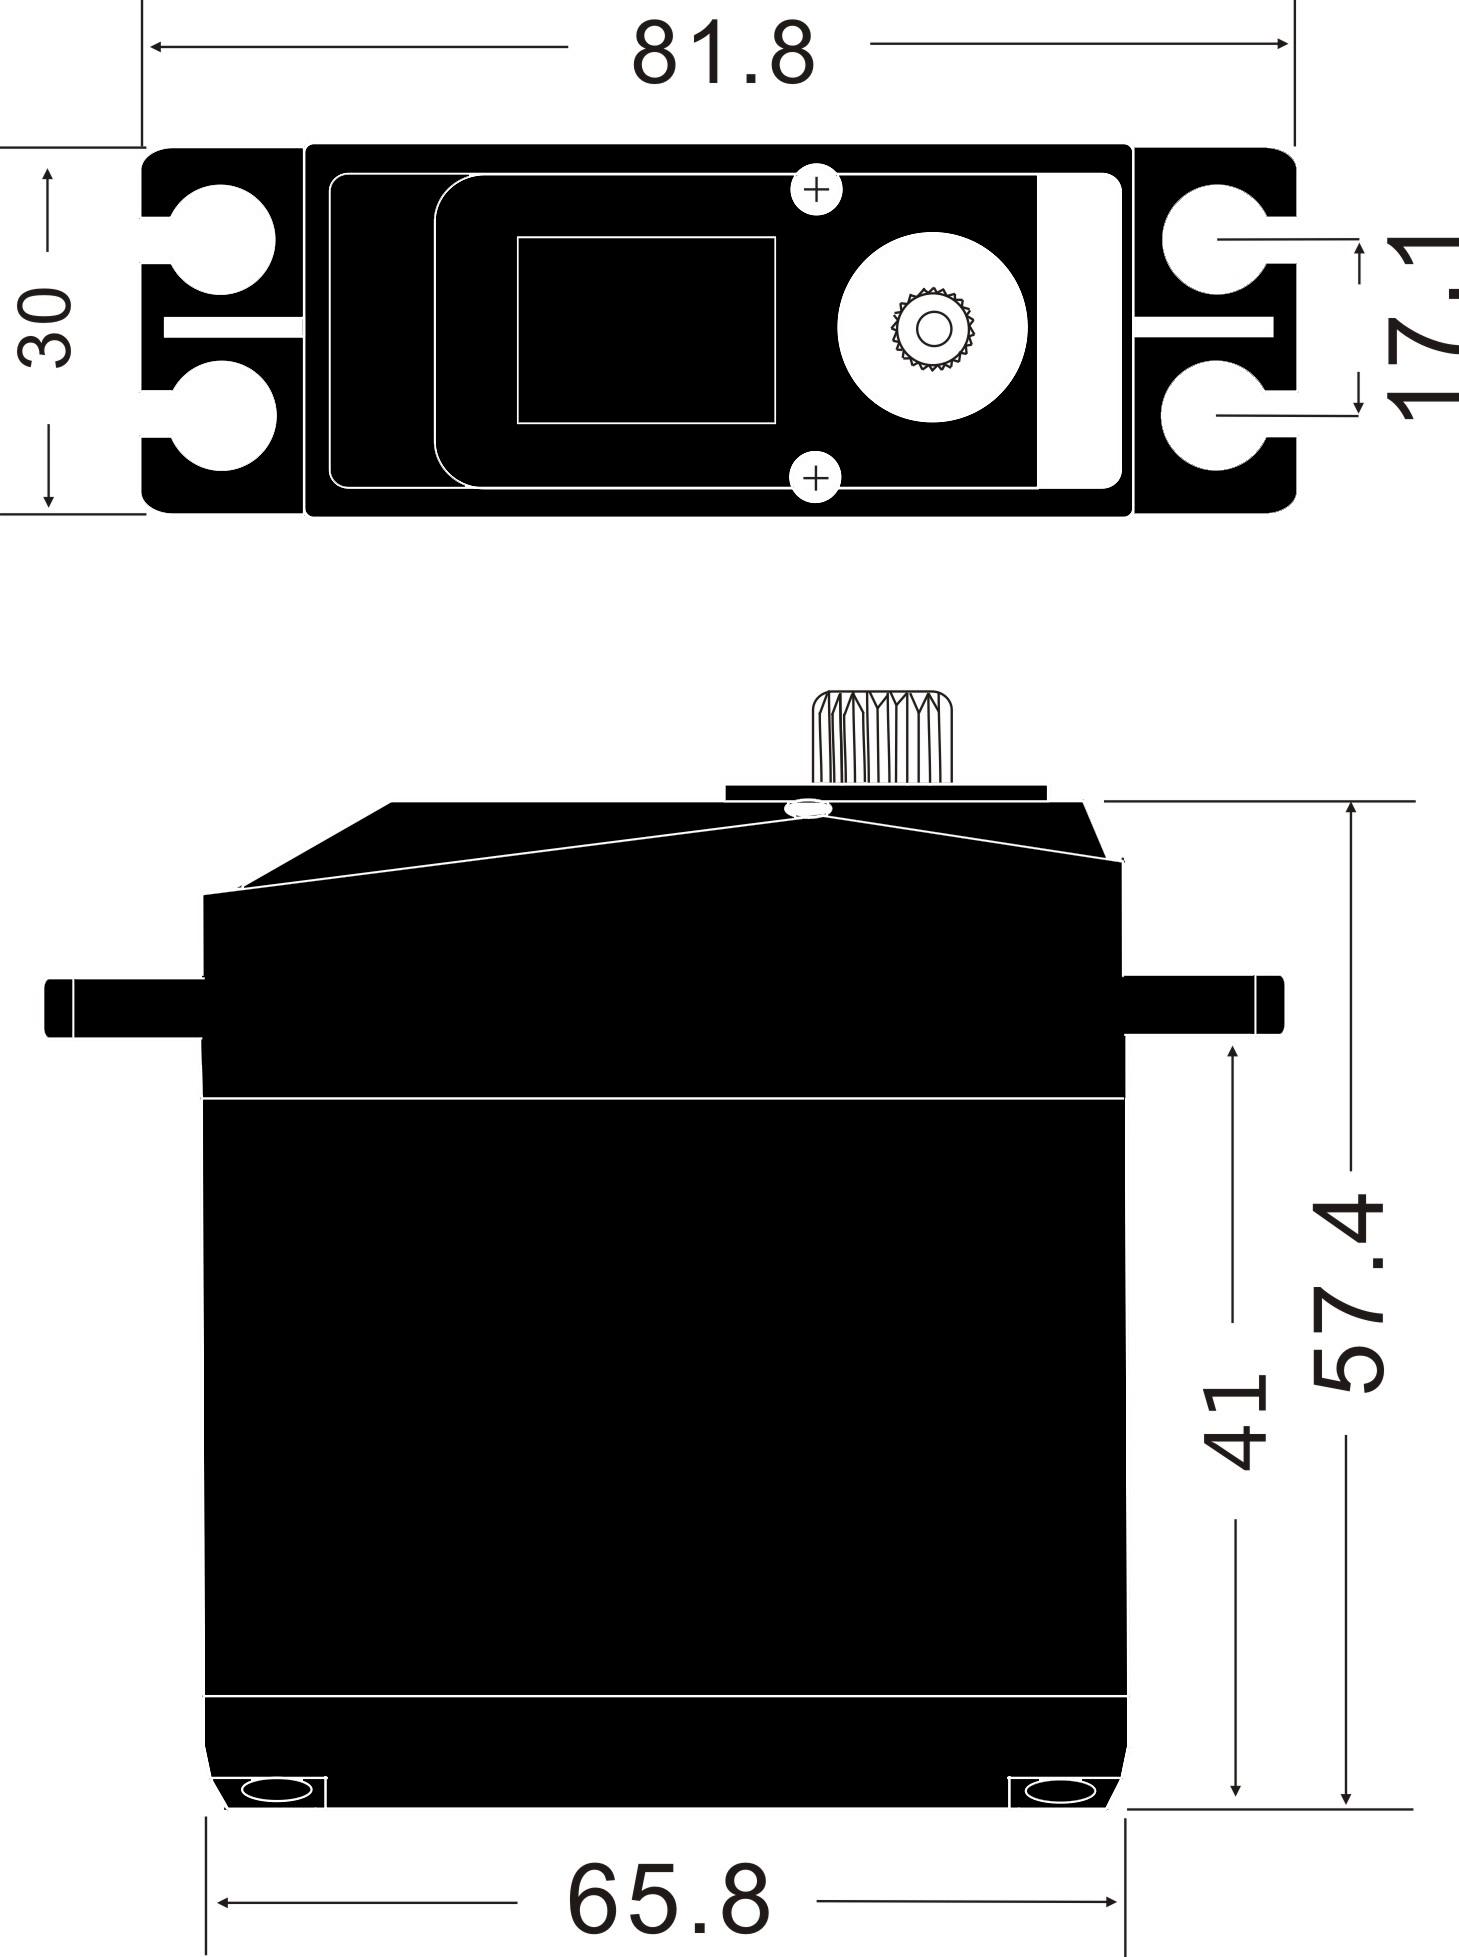 Click image for larger version  Name:HV-65KG.jpg Views:83 Size:208.0 KB ID:2154905